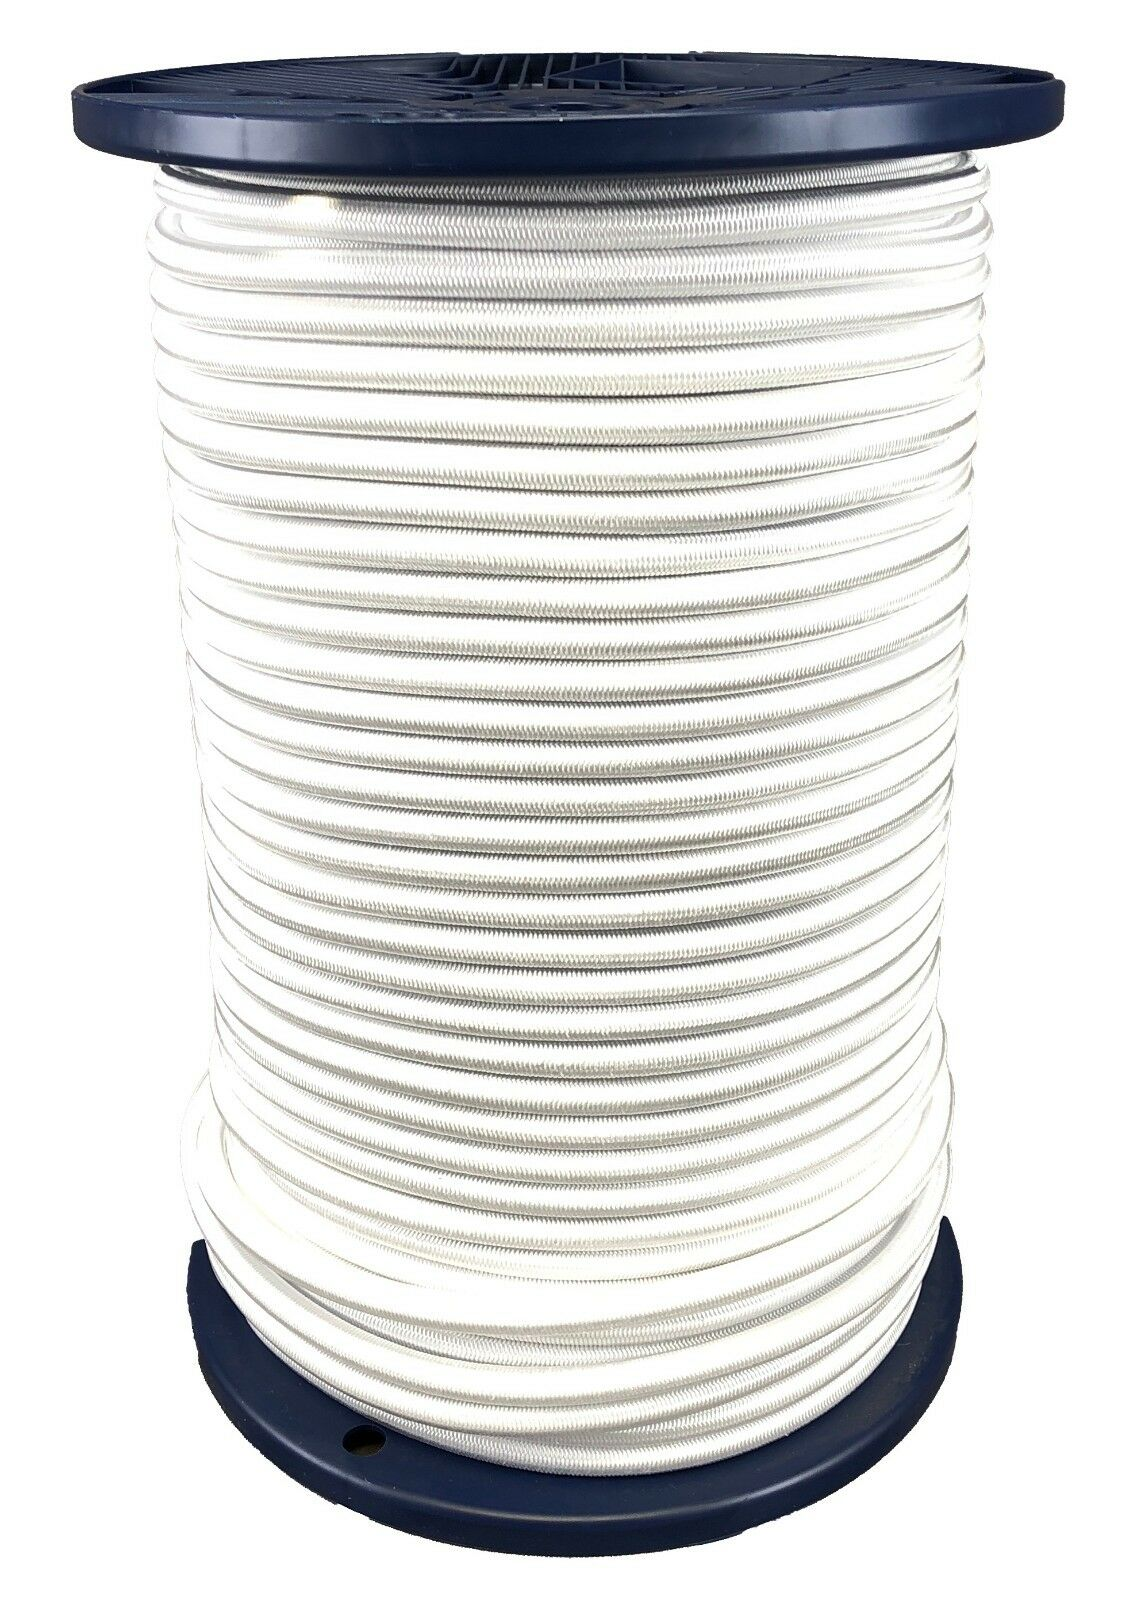 8mm Weiß Elastischer Gummizug Seil Seil Seil X 40 Meter Krawatte Unten   | Merkwürdige Form  | Online einkaufen  | Ausgezeichnet  a84109